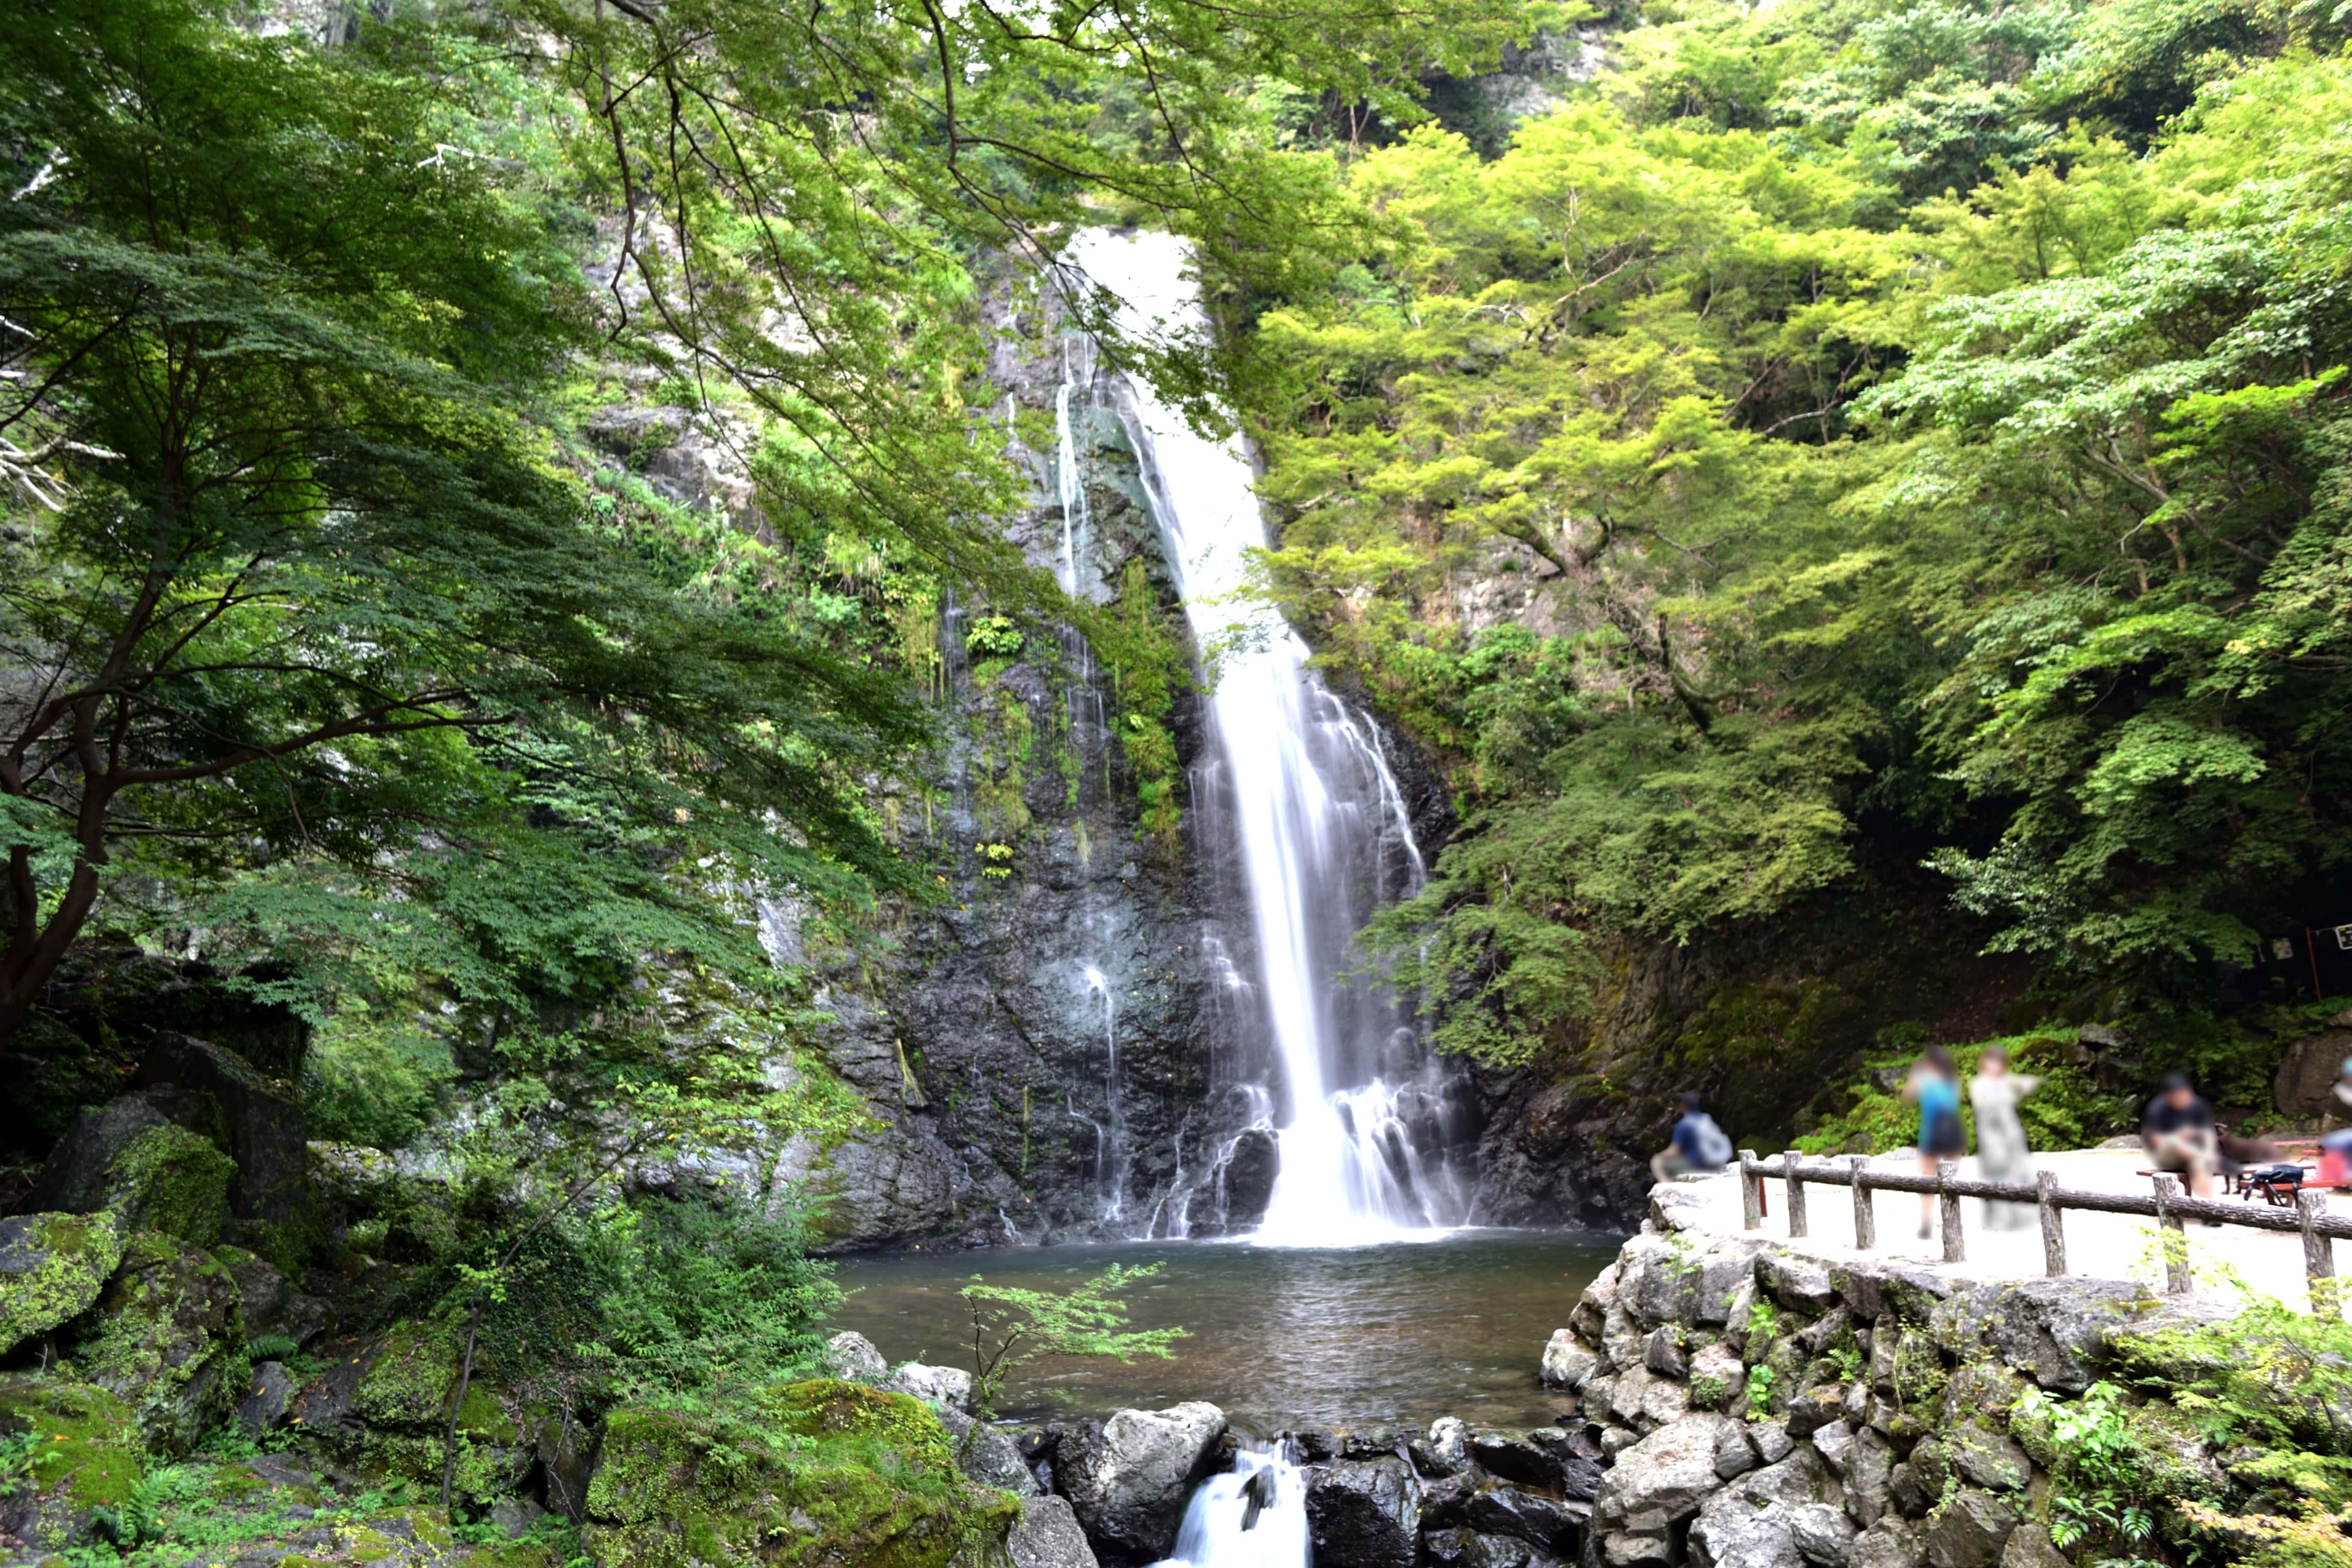 Minoo Park: Vast Nature Near Central Osaka